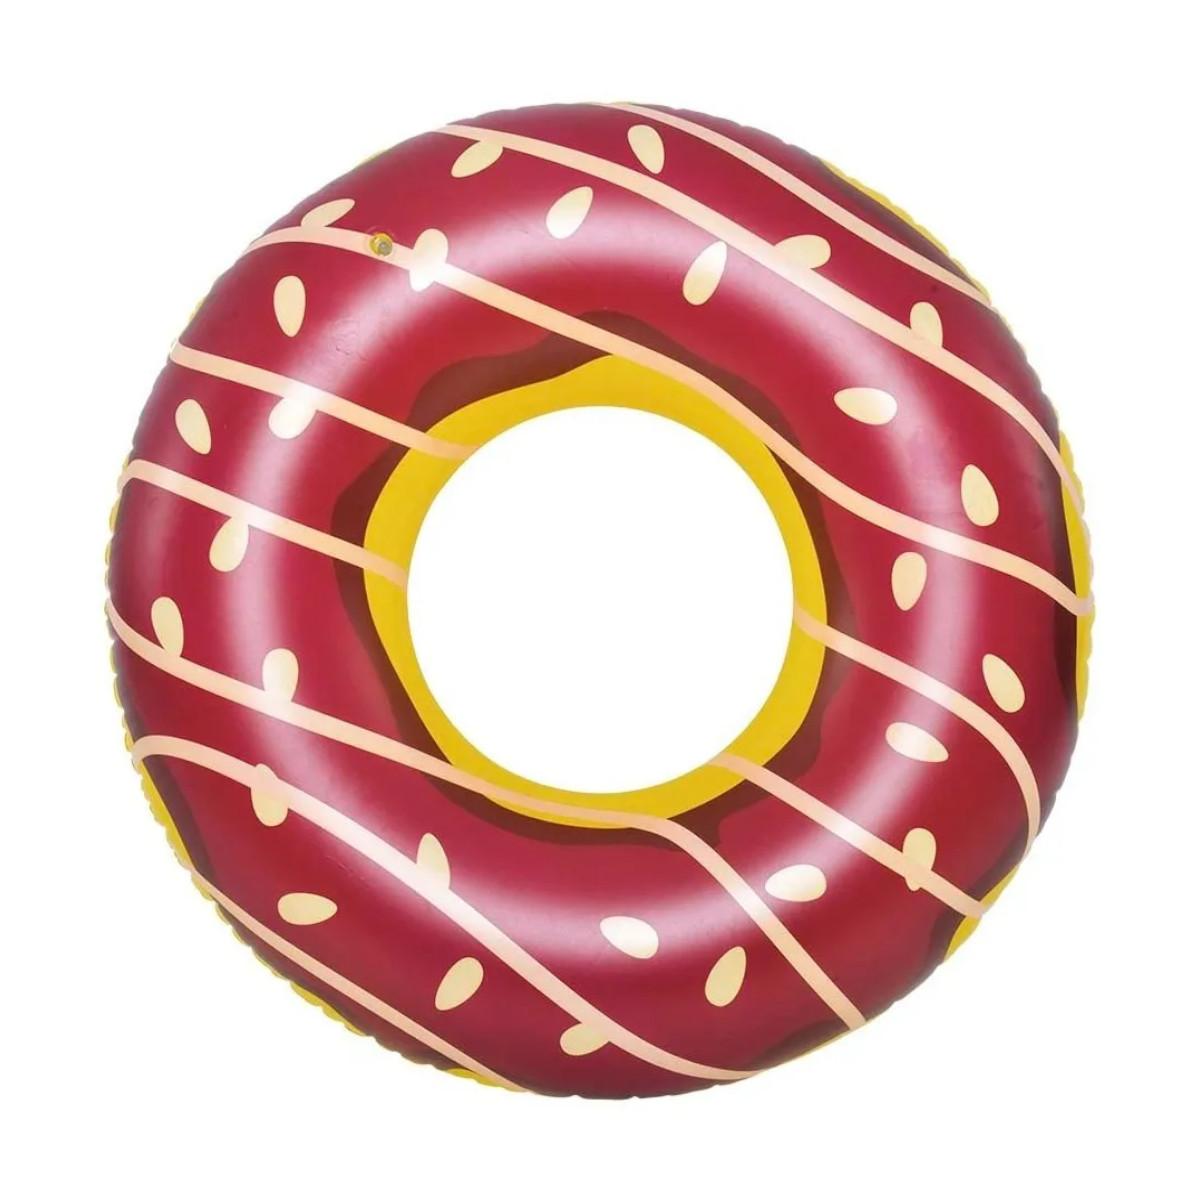 Boia inflável Rosquinha Donuts